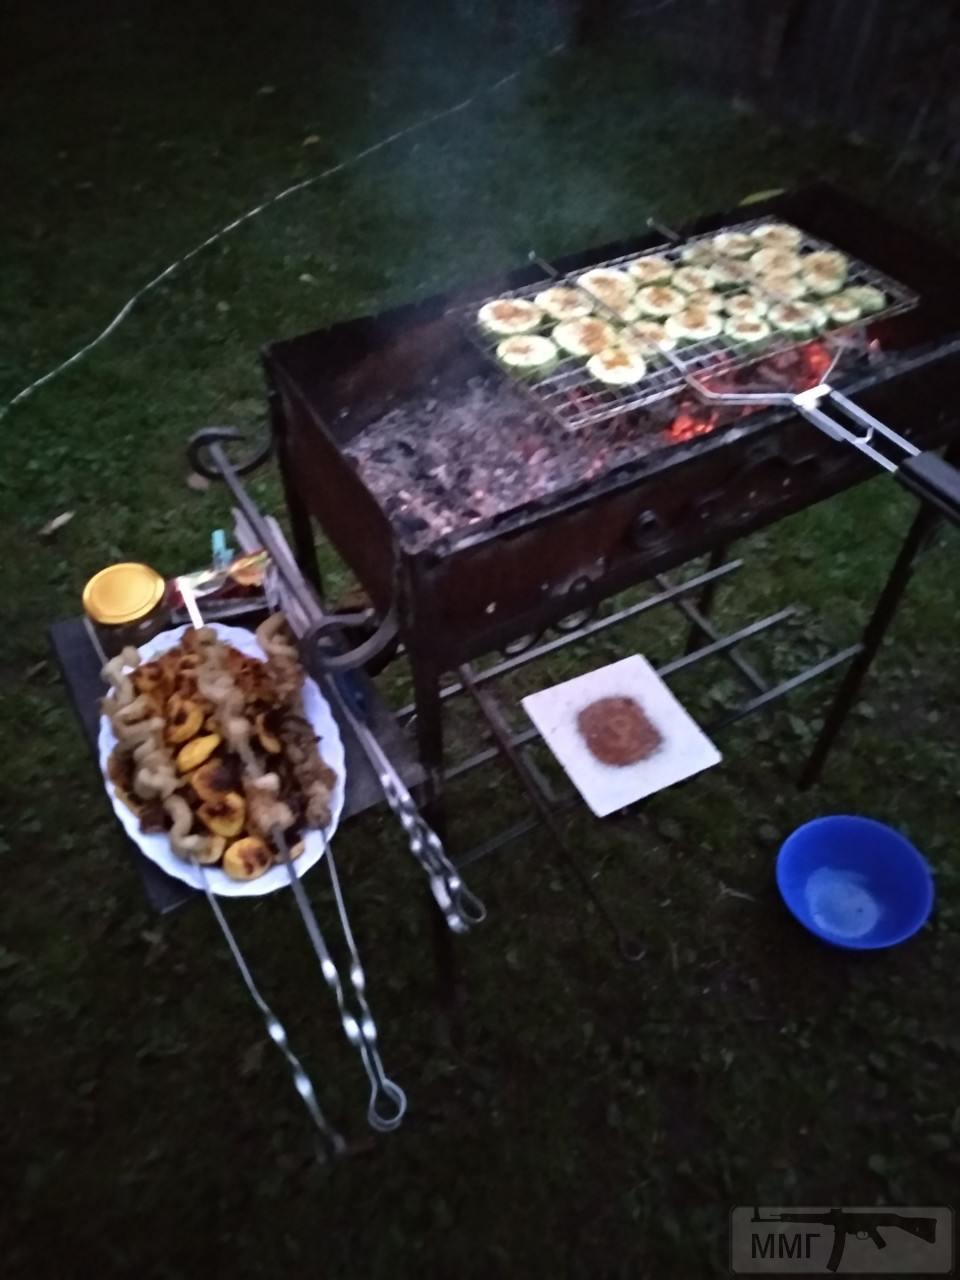 71719 - Закуски на огне (мангал, барбекю и т.д.) и кулинария вообще. Советы и рецепты.